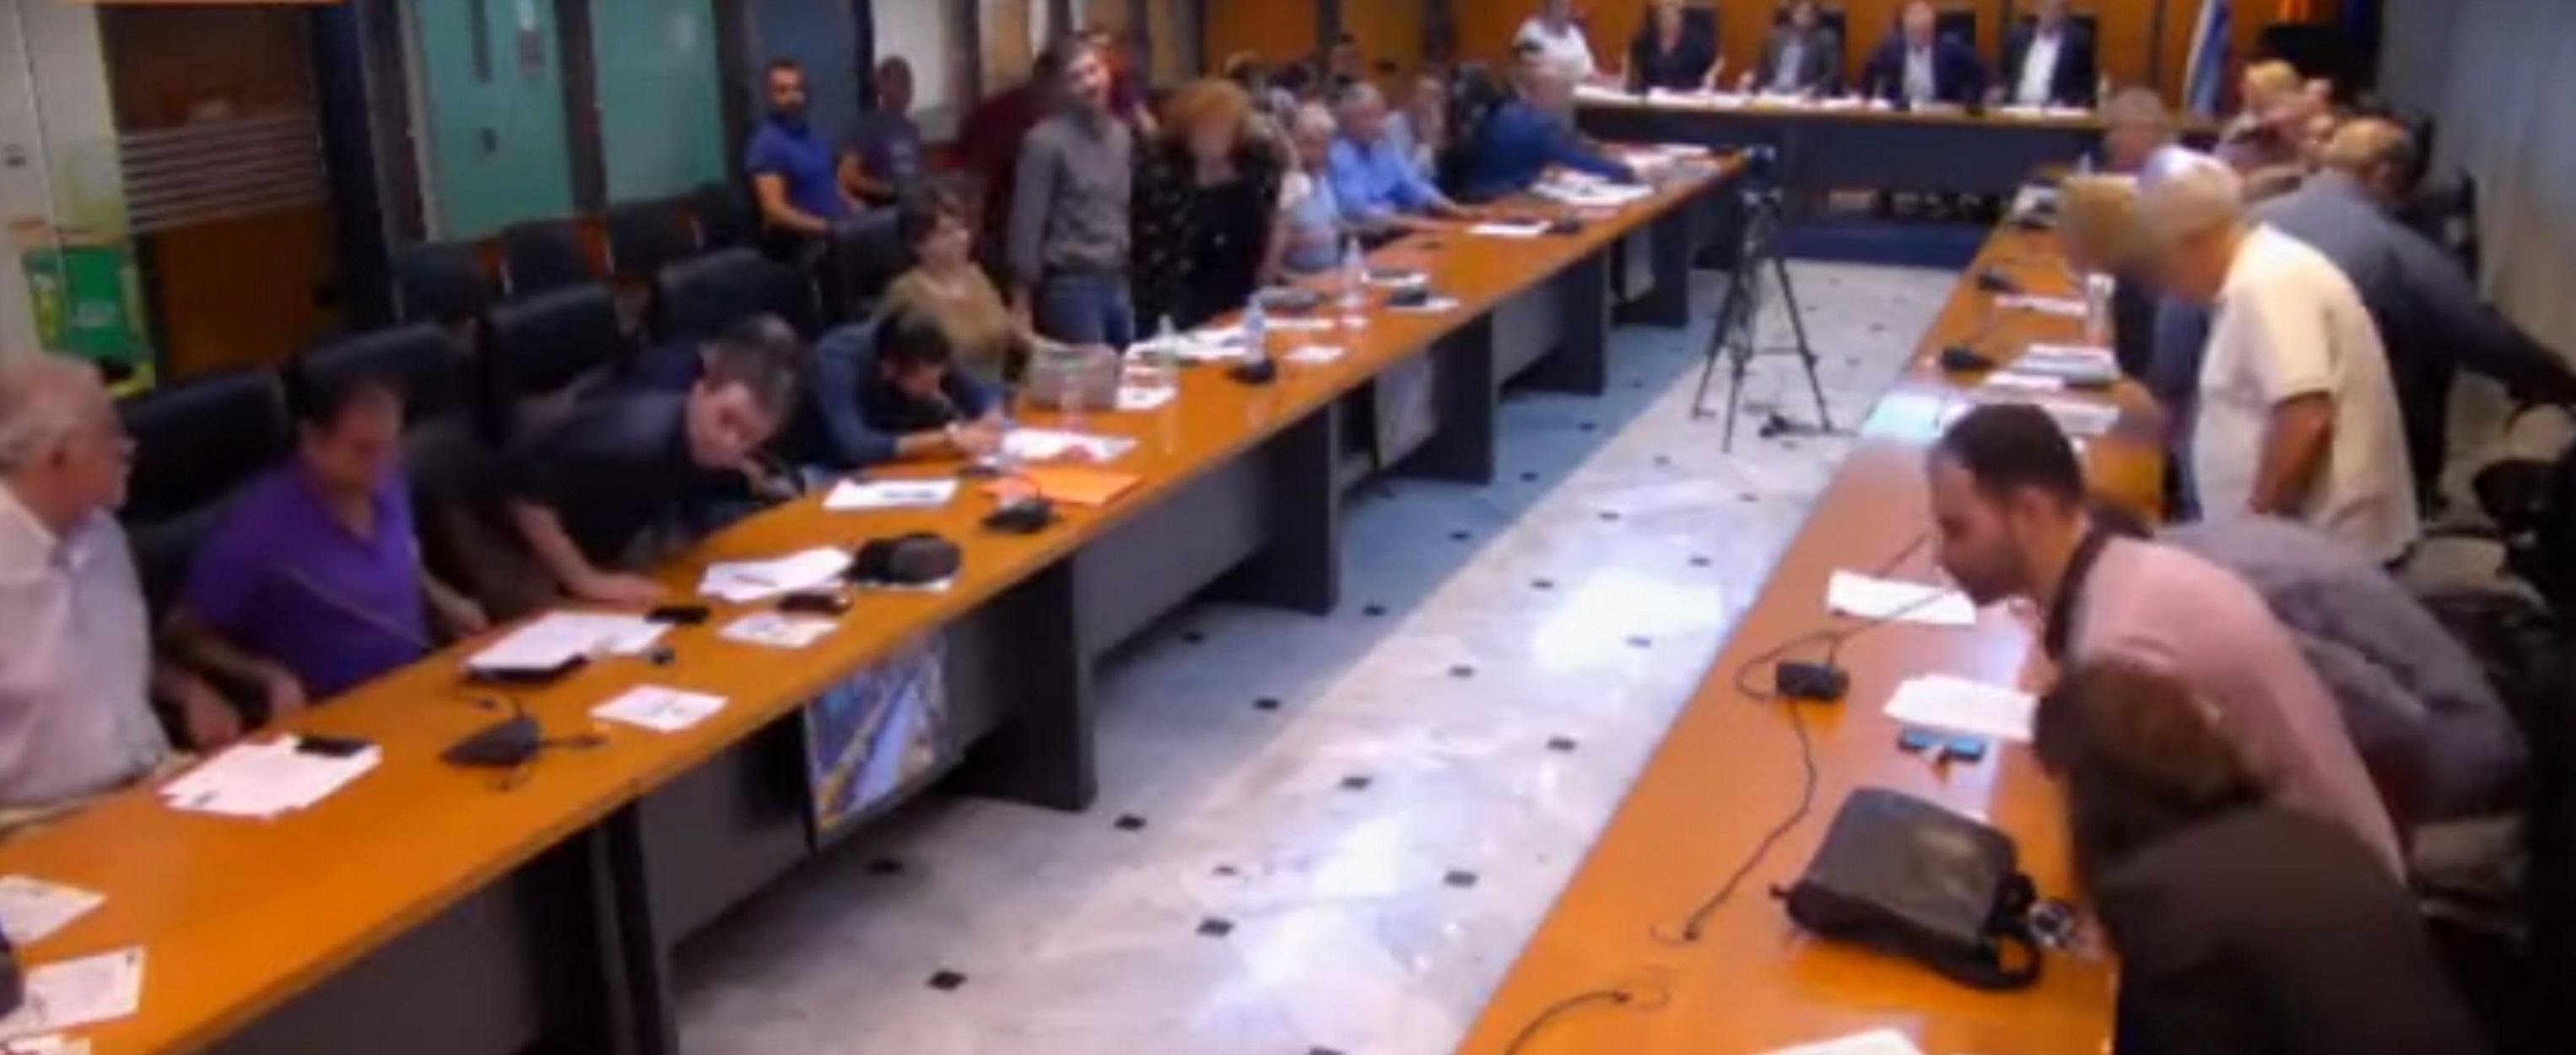 Παραίτηση στον Δήμο Ιλίου μετά τον σάλο για τον Παύλο Φύσσα – video